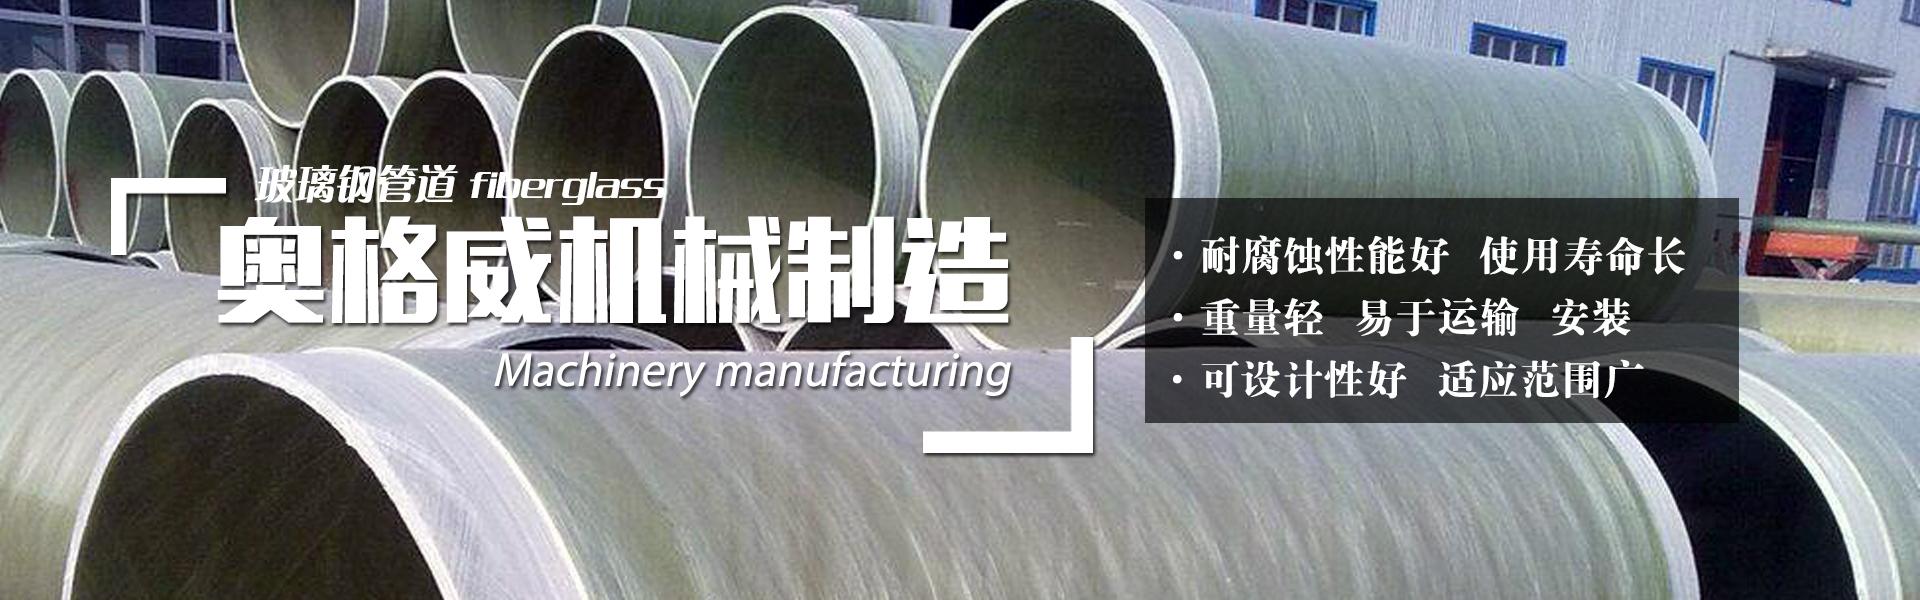 辽宁玻璃钢生产厂家